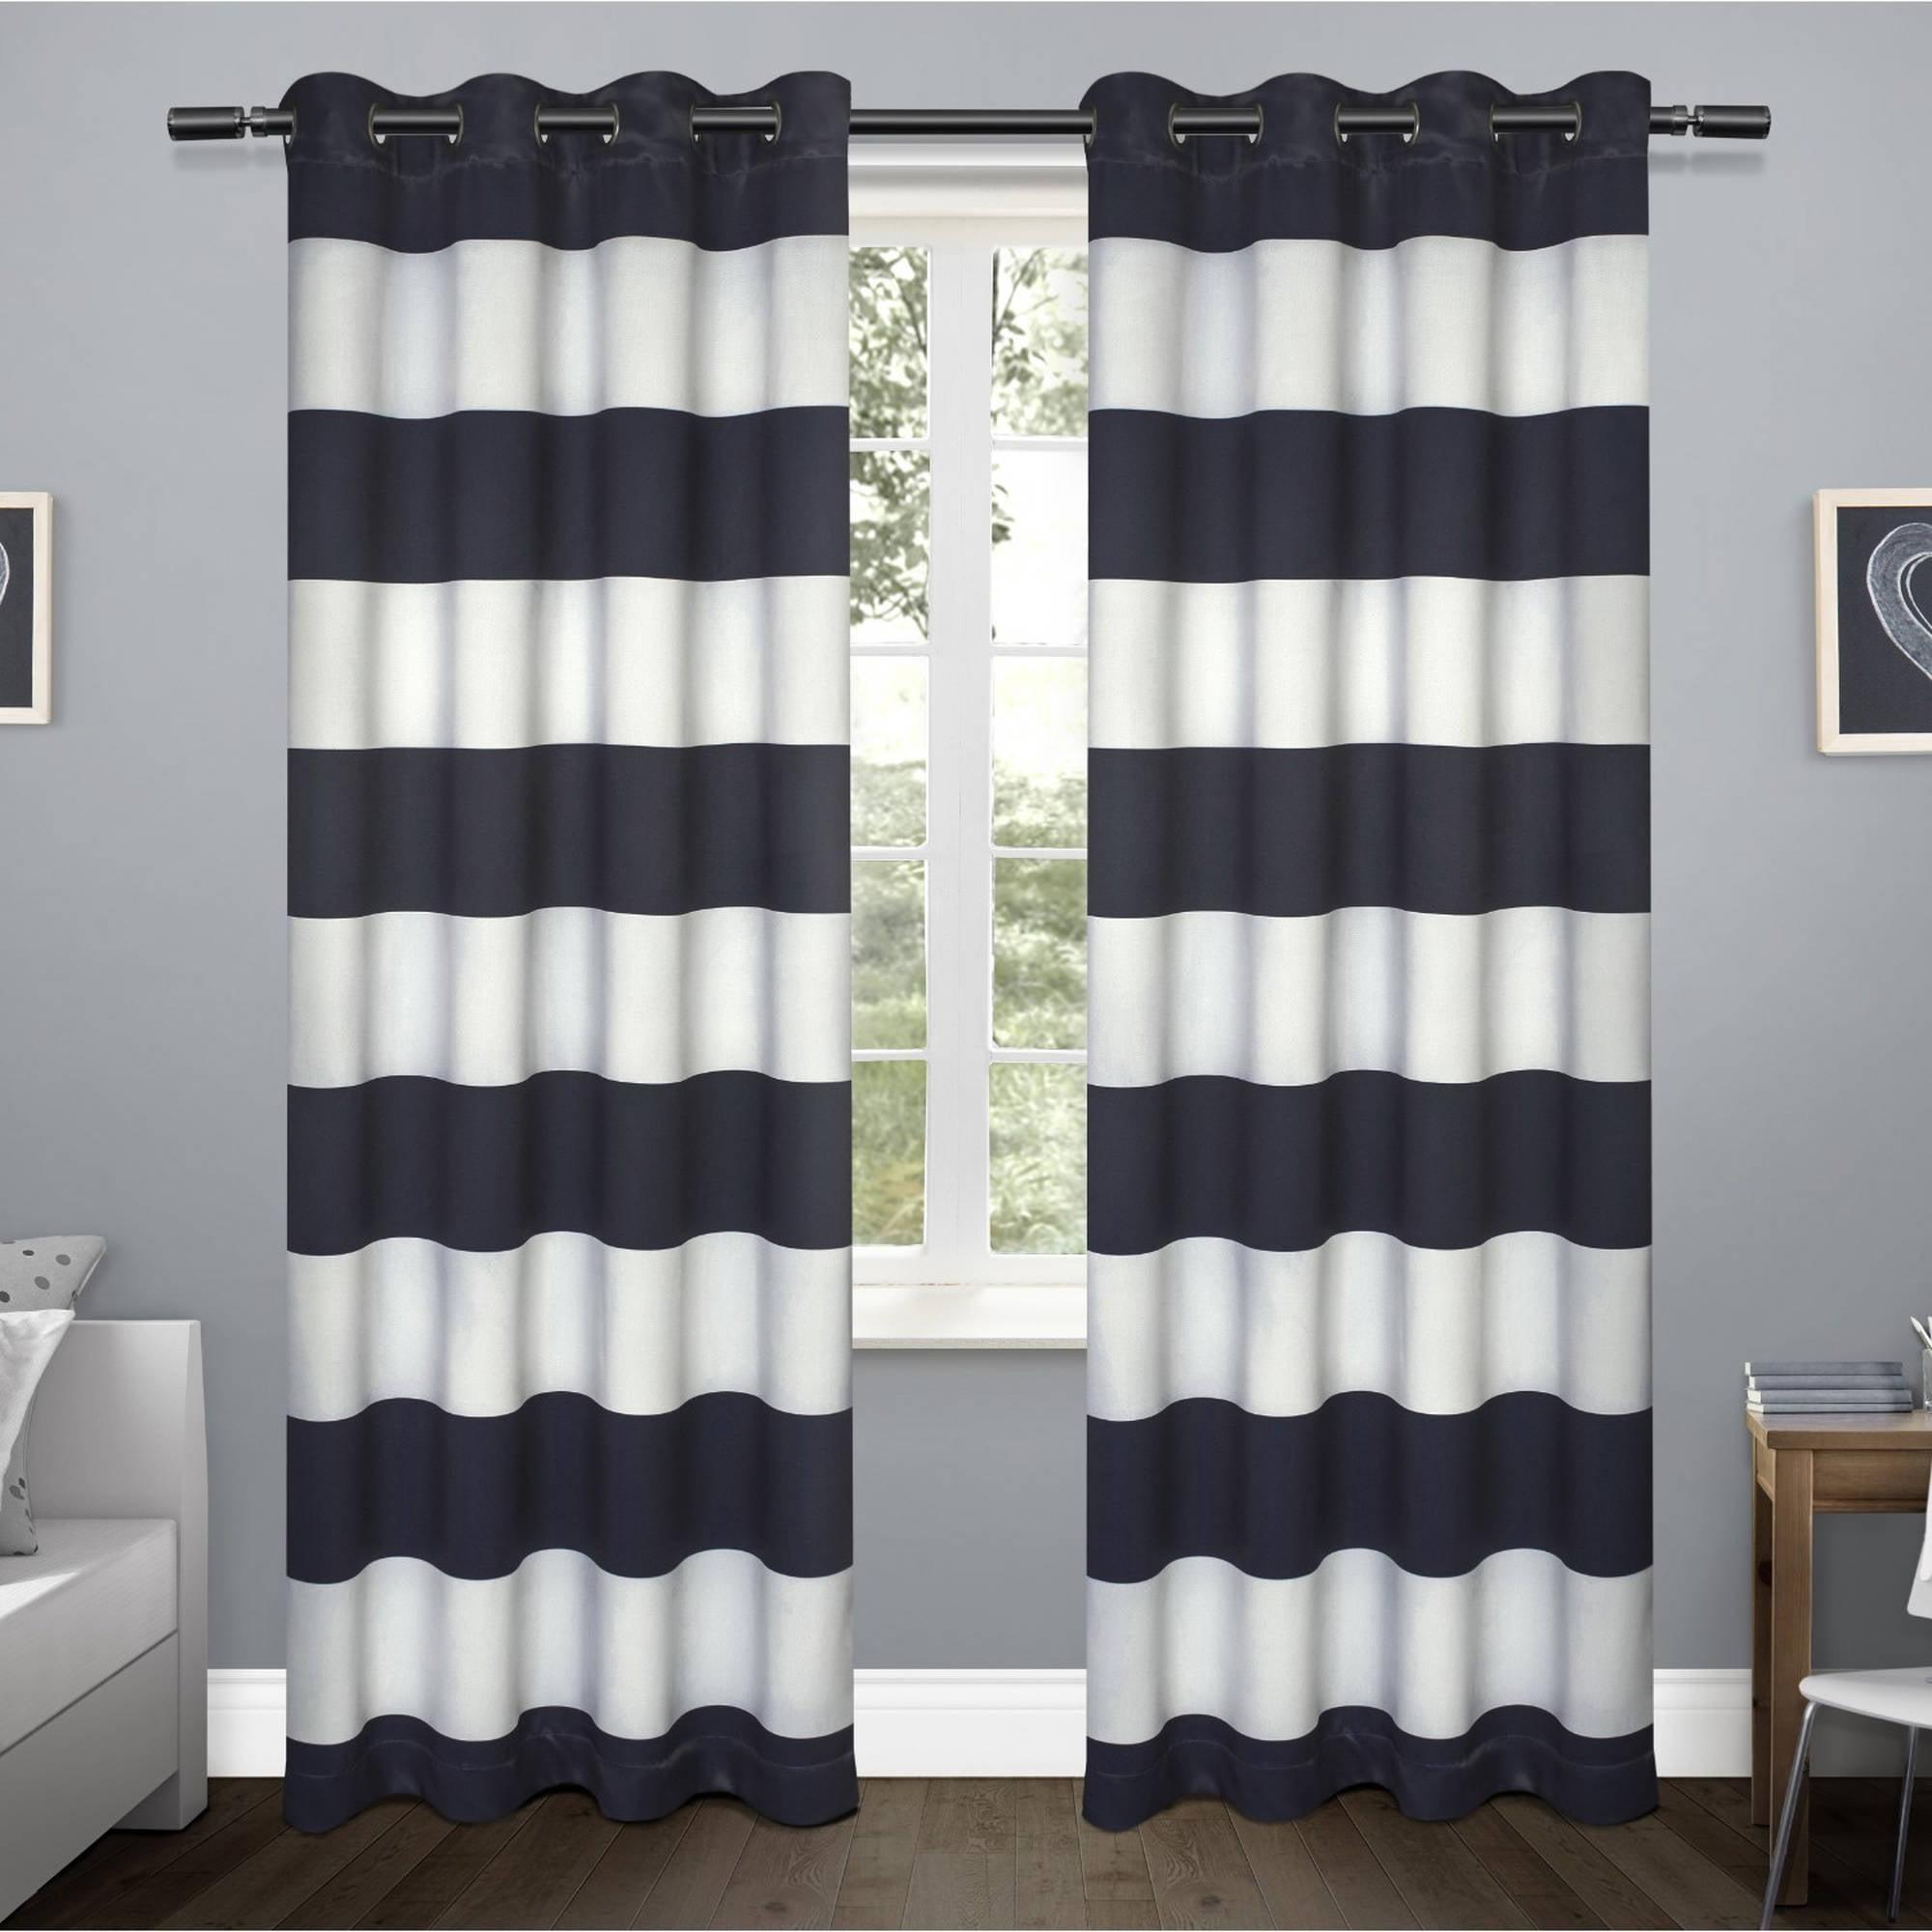 Kids Rugby Stripe Sateen Room Darkening Grommet Top Window Curtain Panel Pair, Navy,... by Exclusive Home